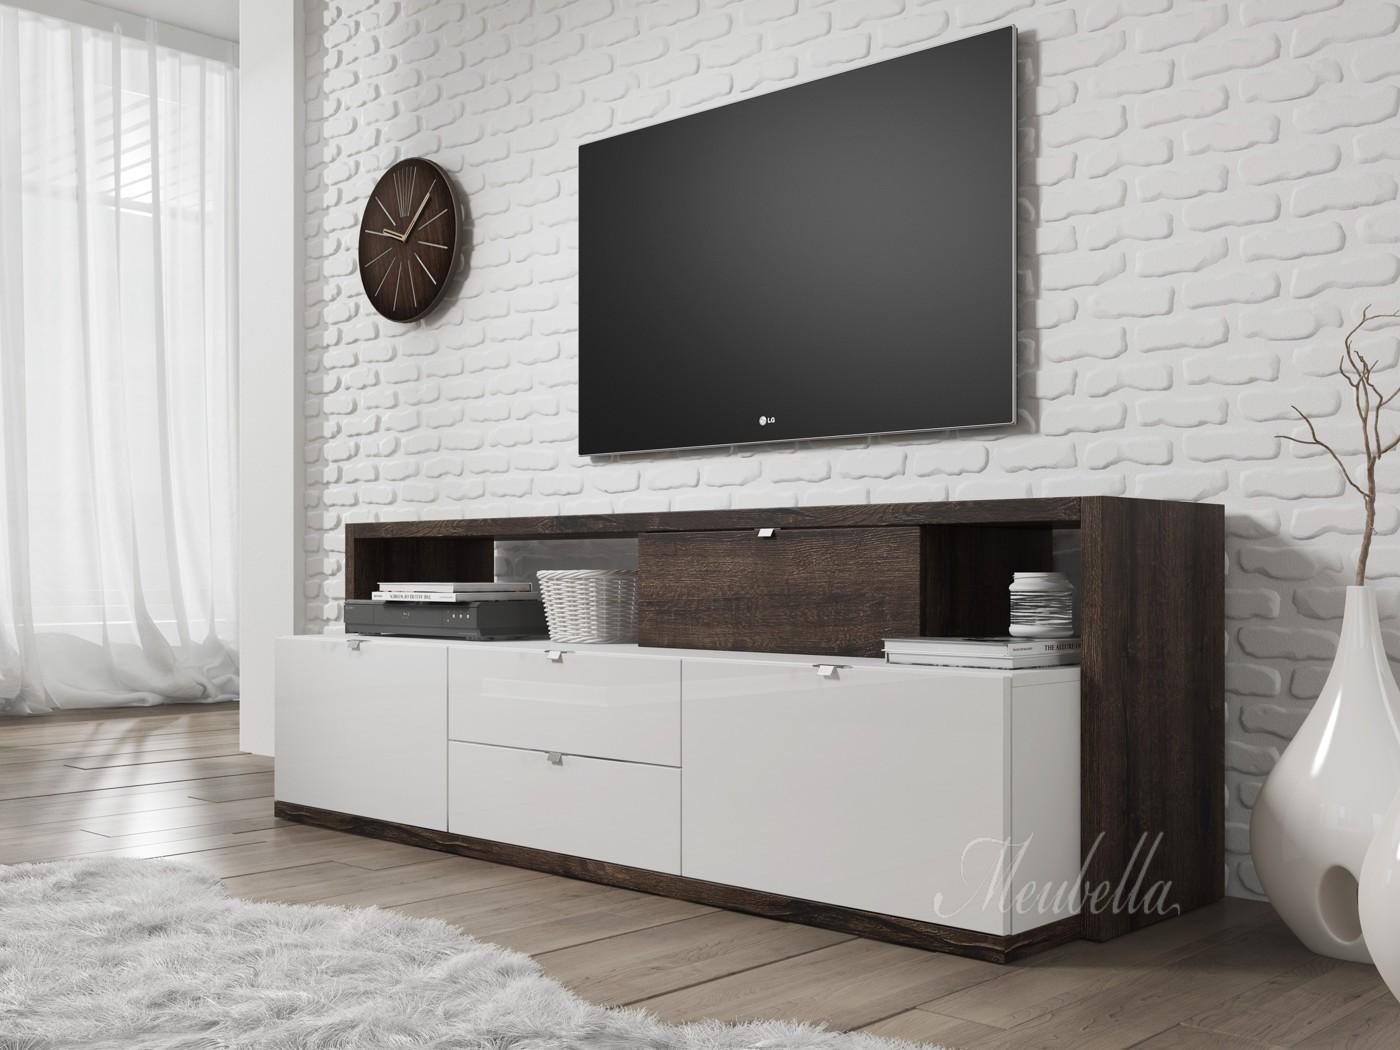 #594F4623513236 TV Meubel Ashland Wit Donker Eiken 161 Cm Meubella betrouwbaar Design Glazen Tv Meubels 1147 afbeelding opslaan 140010501147 Idee